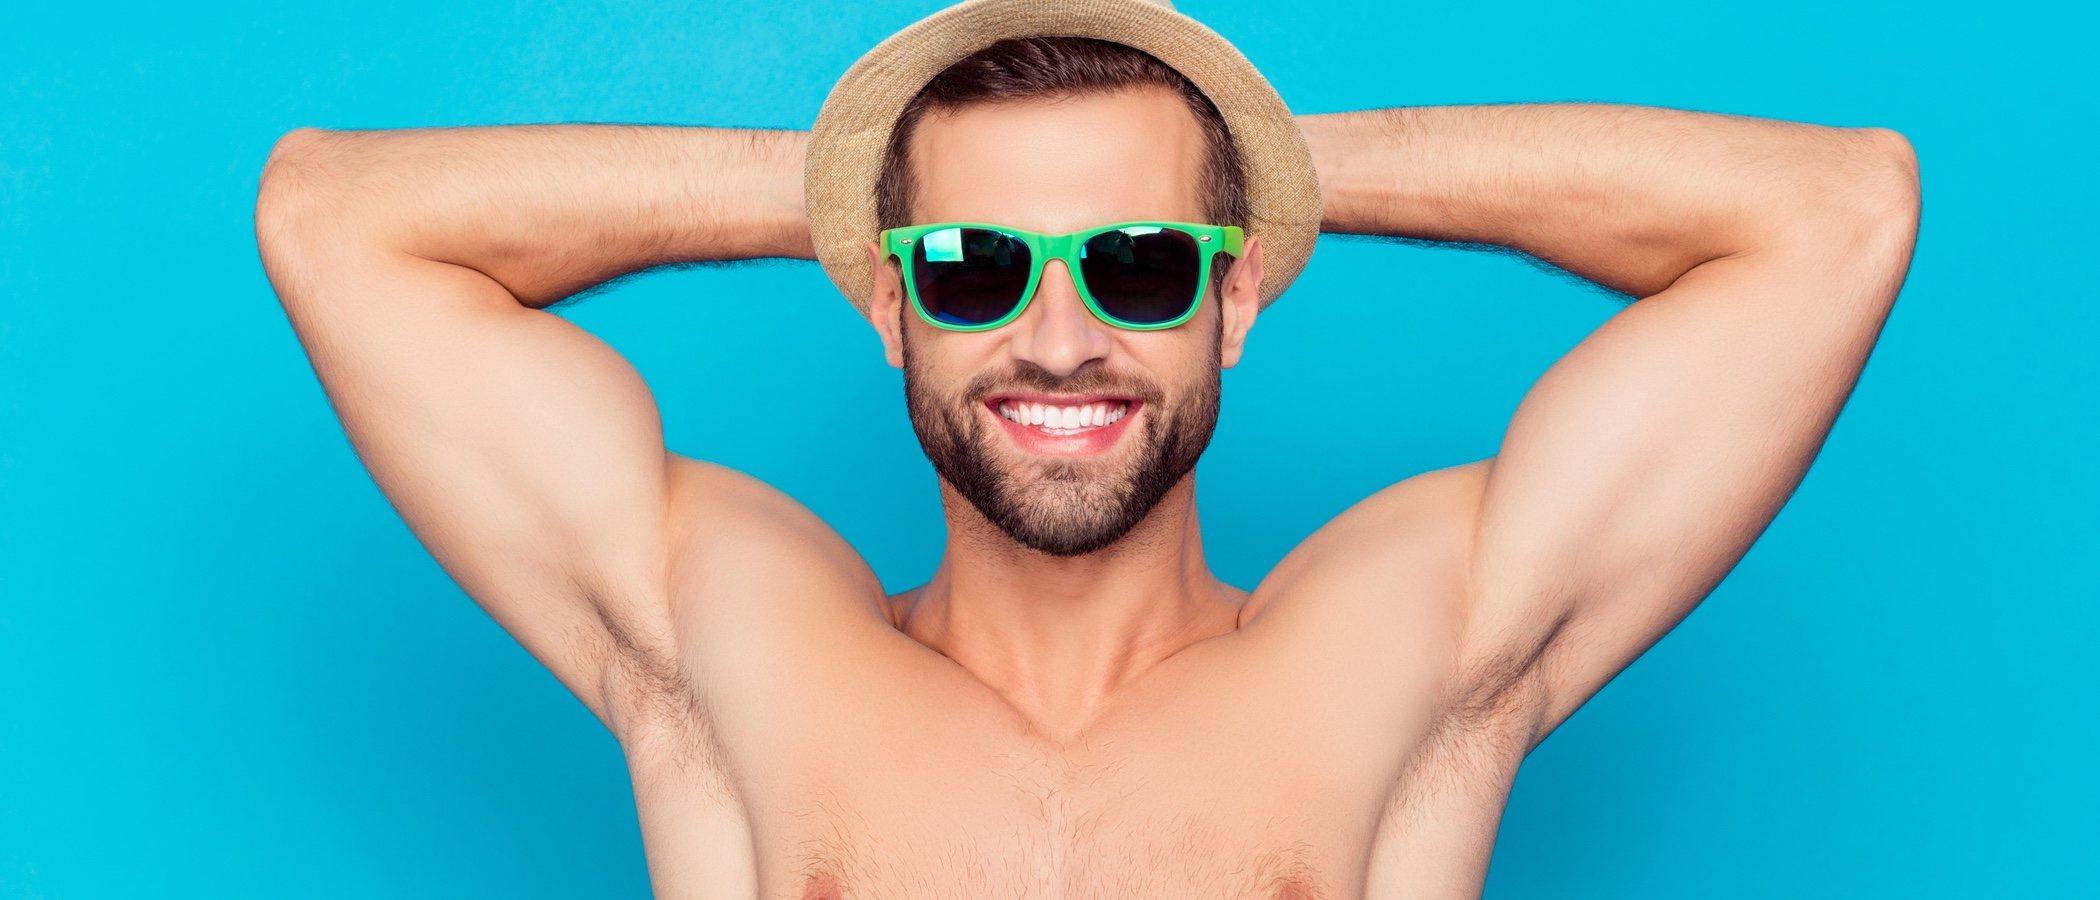 Cómo vestirse para ir a la playa: Guía masculina